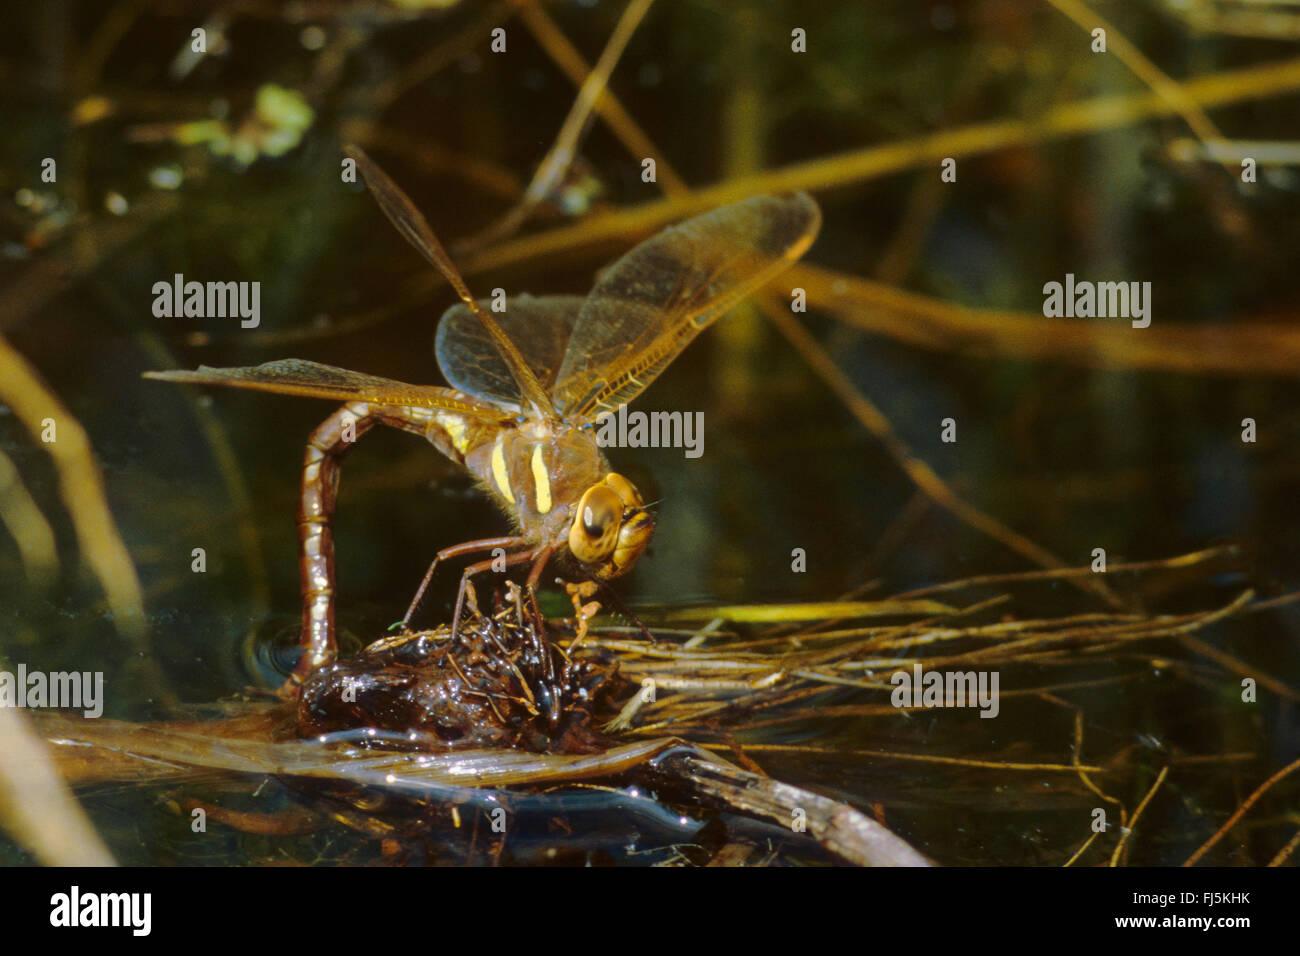 braune Aeshna, braune Hawker, große Libelle (Aeshna Grandis), Weiblich, Eiablage, Deutschland Stockbild